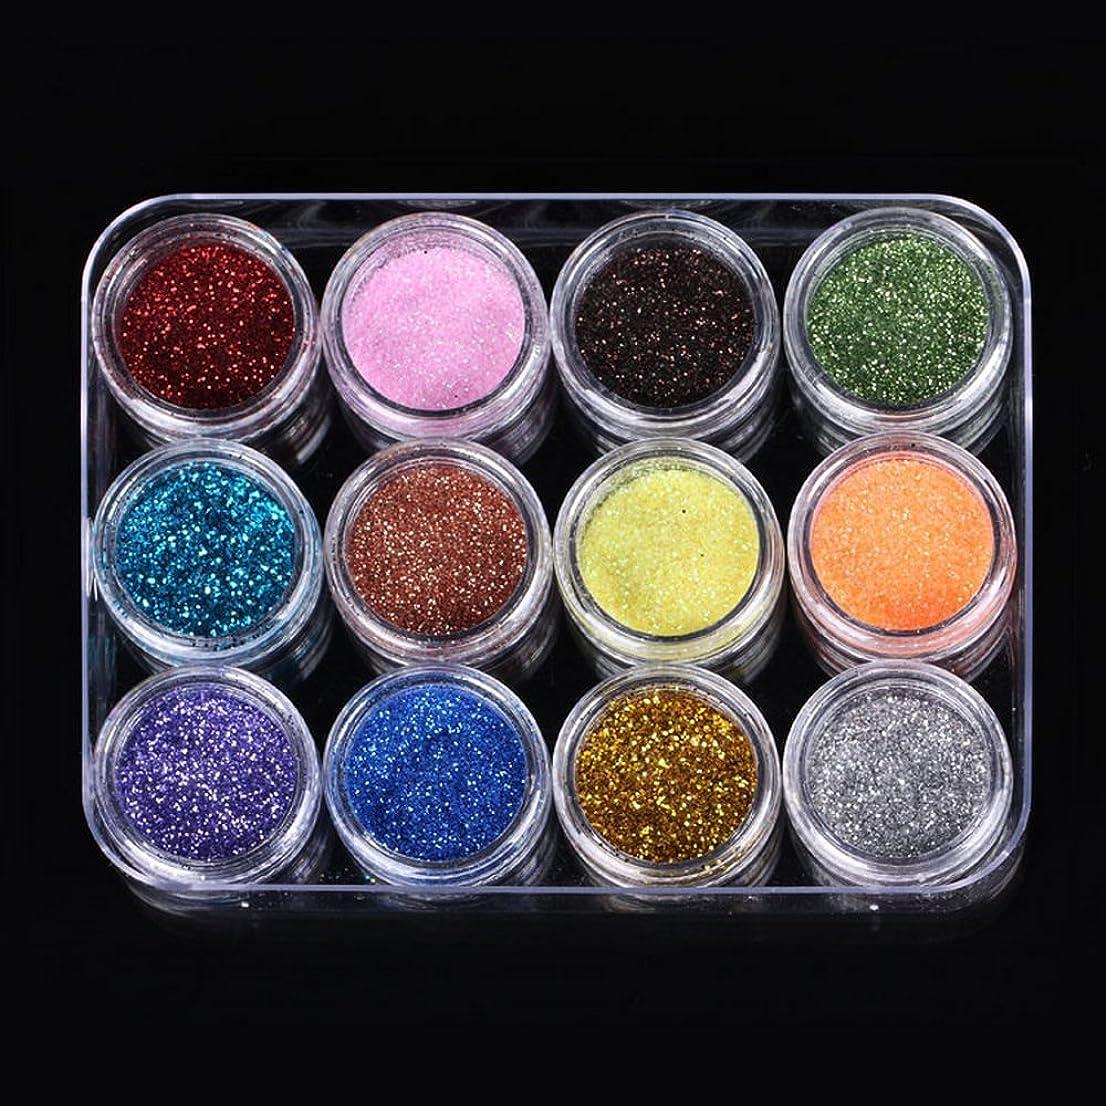 冷淡な前売抹消ネイル用微粒子0.3mmグリッターラメ12色セット☆ジェルネイルに◎【青】